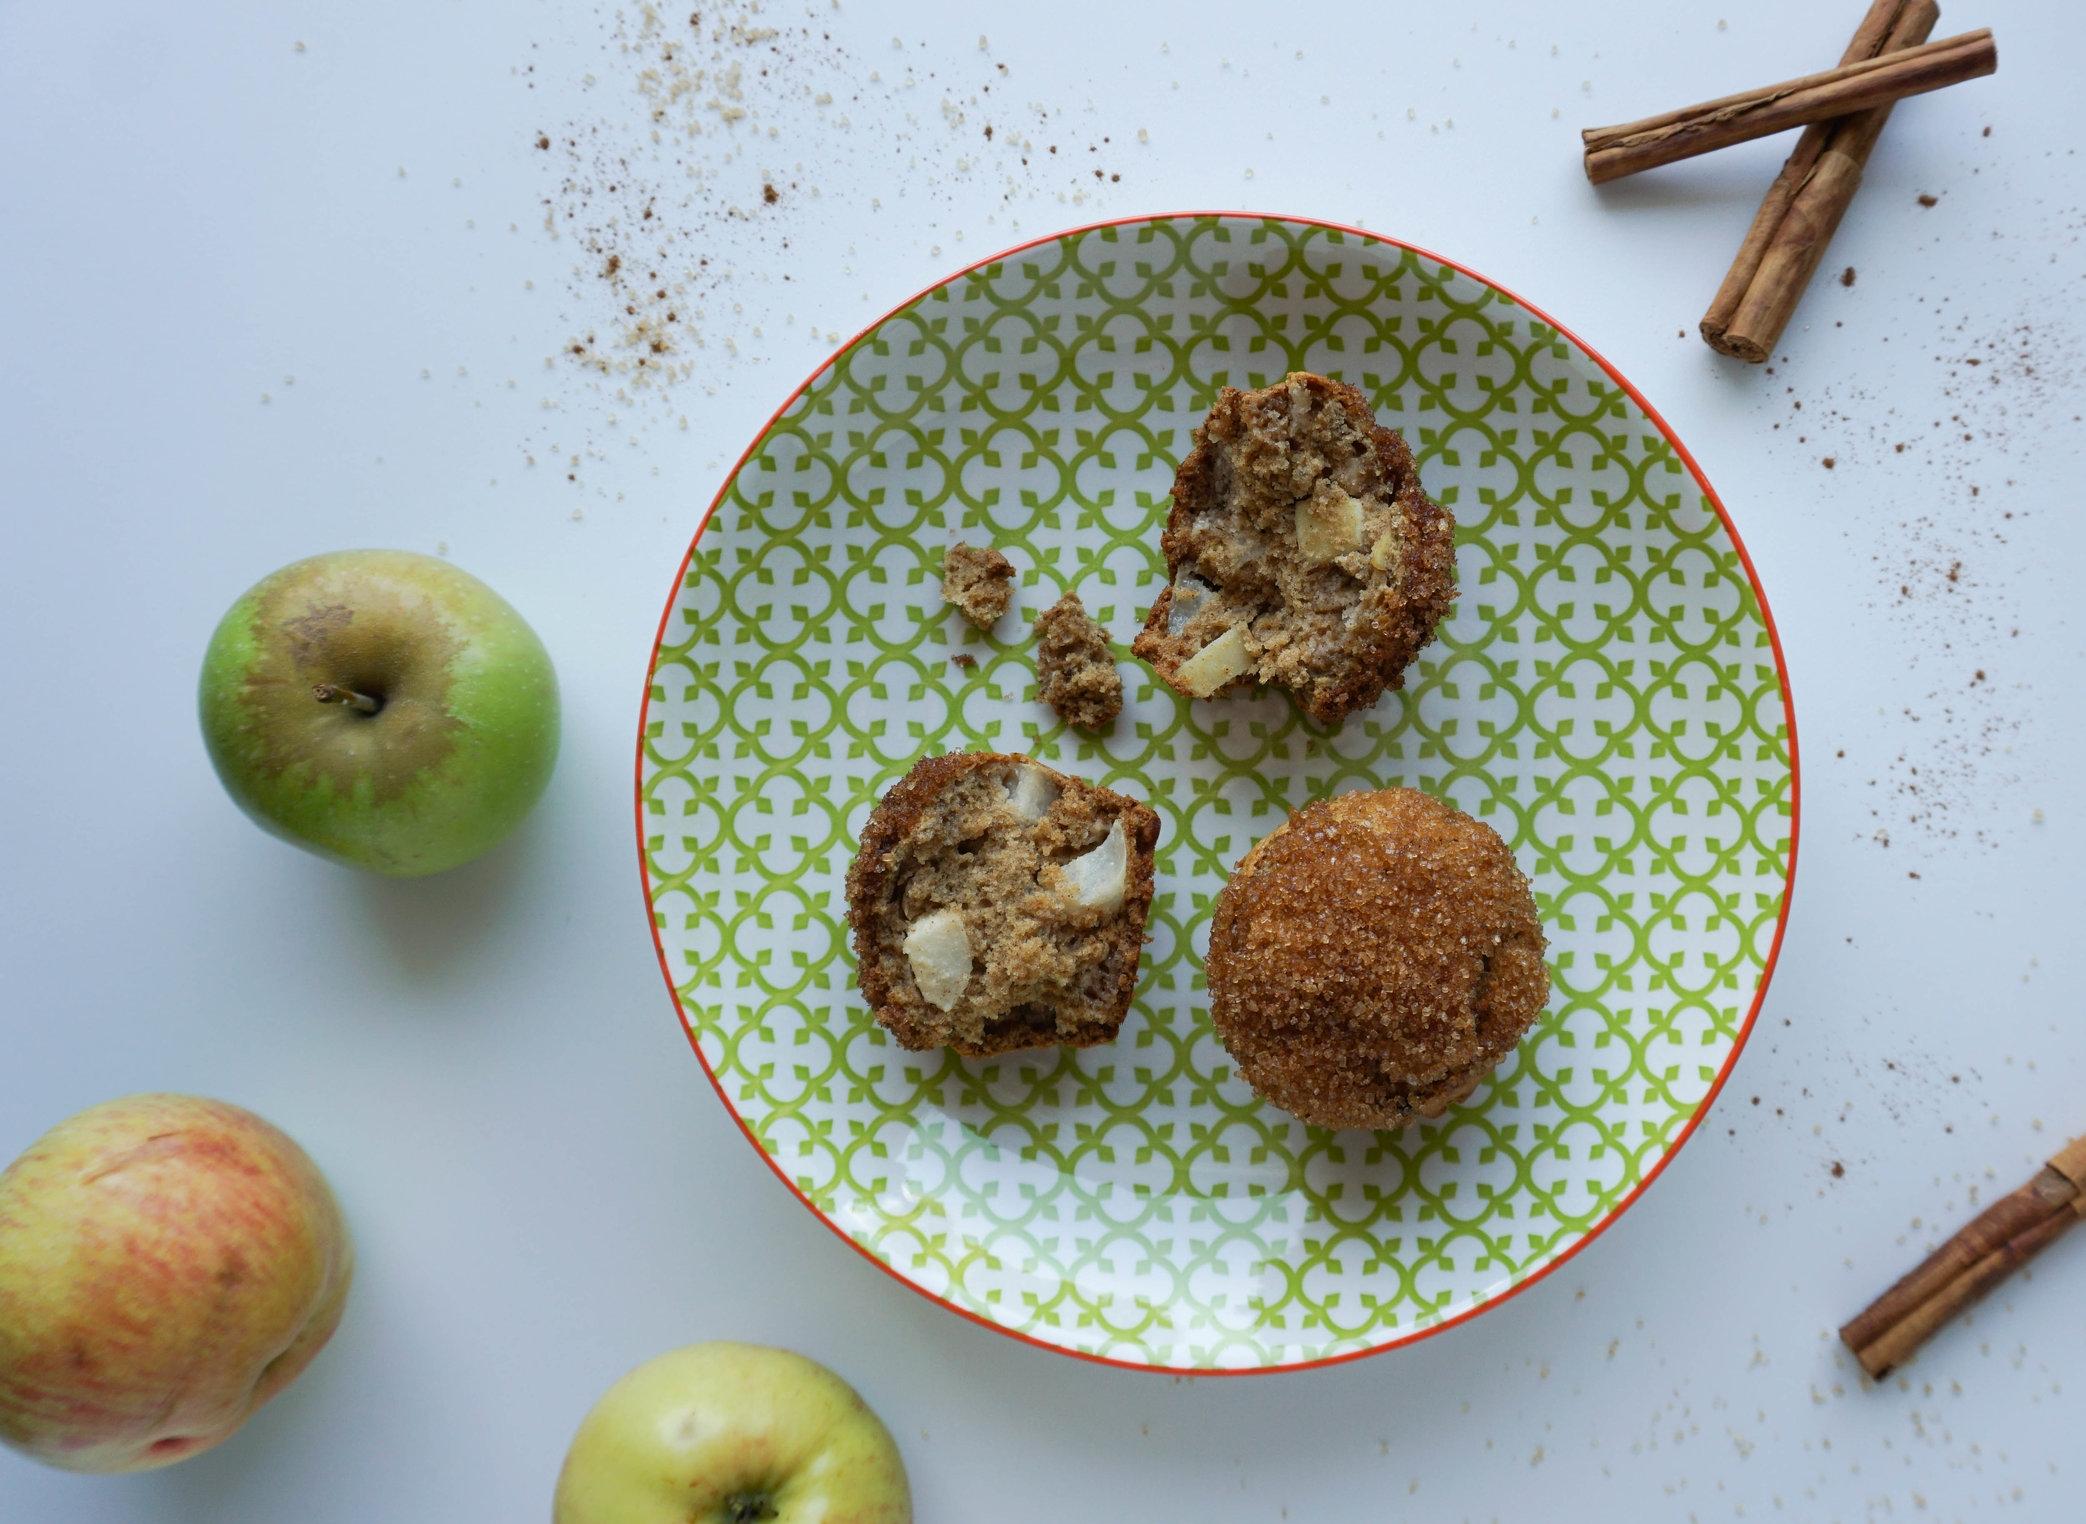 """Apfel Zimt Hafermuffins aus """"Plastikfrei Backen Ohne Unverpackt Laden"""" Vegan Glutenfrei.jpg"""